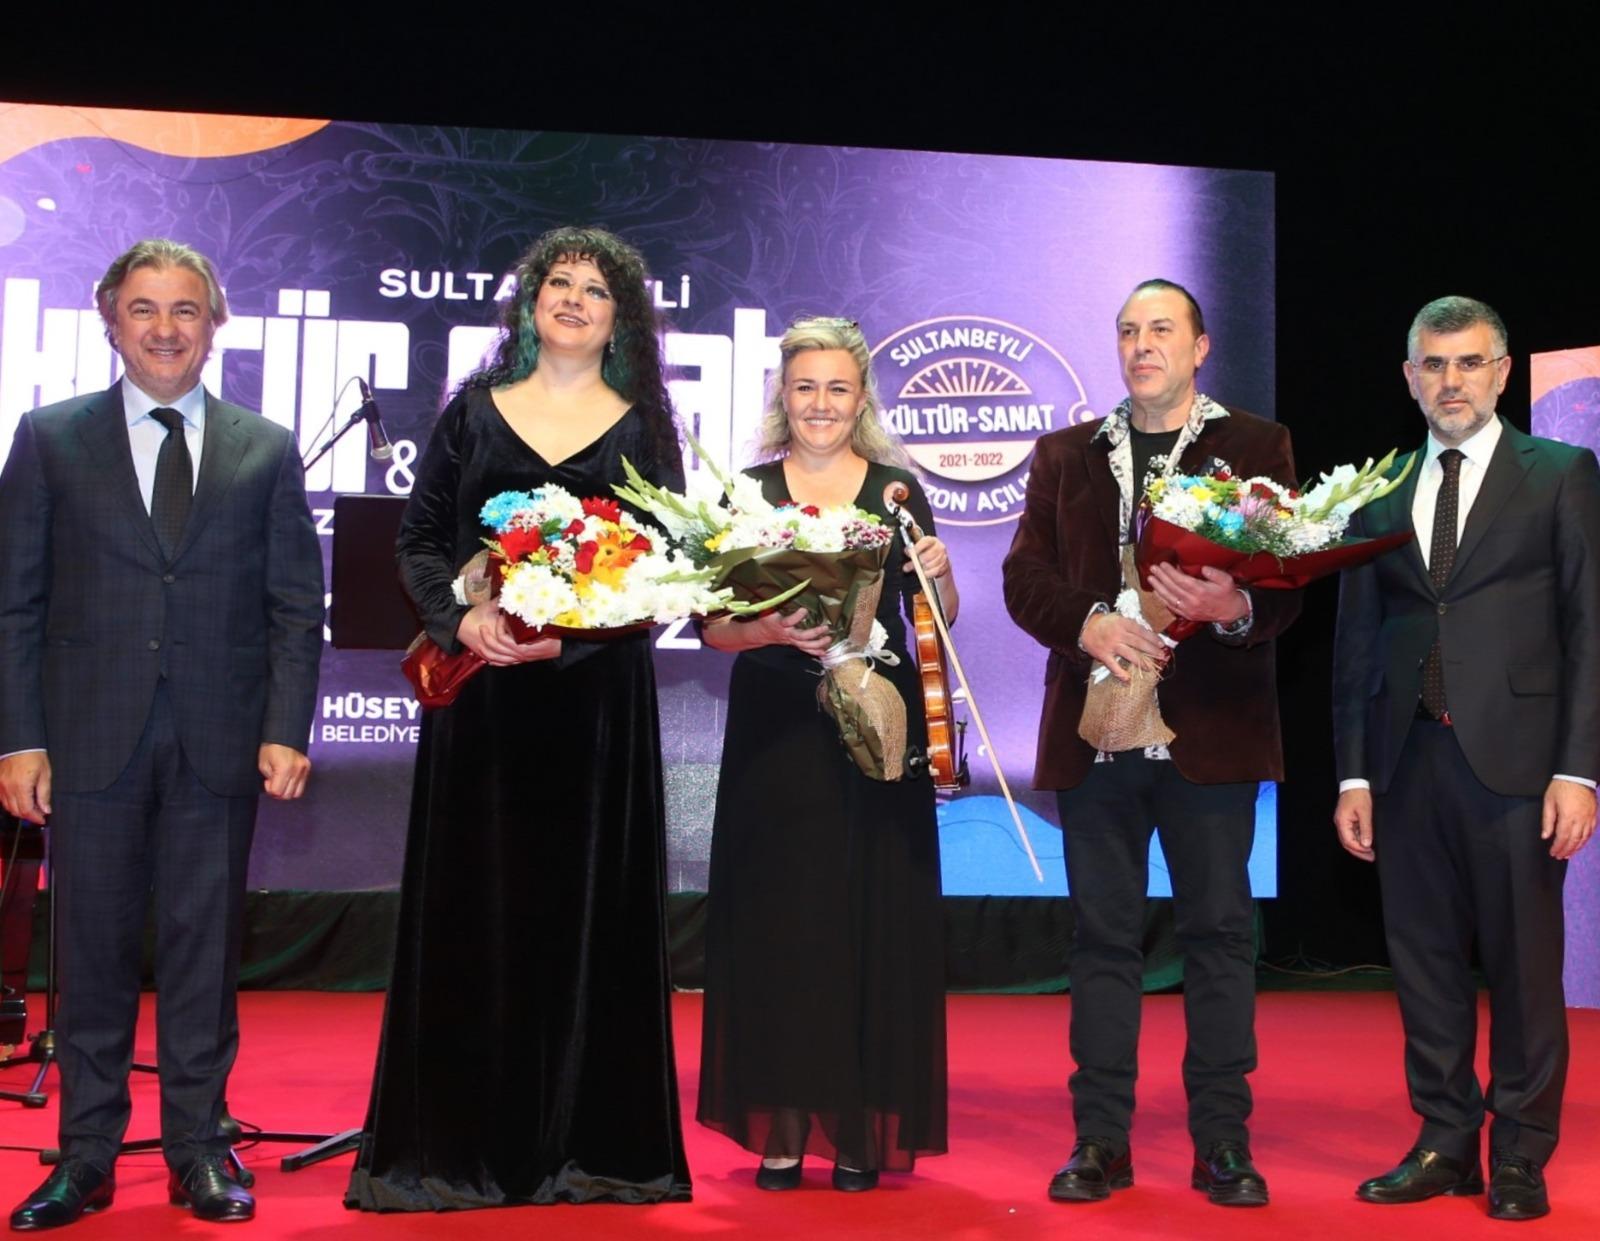 Sultanbeyli'de Kültür-Sanat Sezonu Can Atilla Konseriyle Açıldı